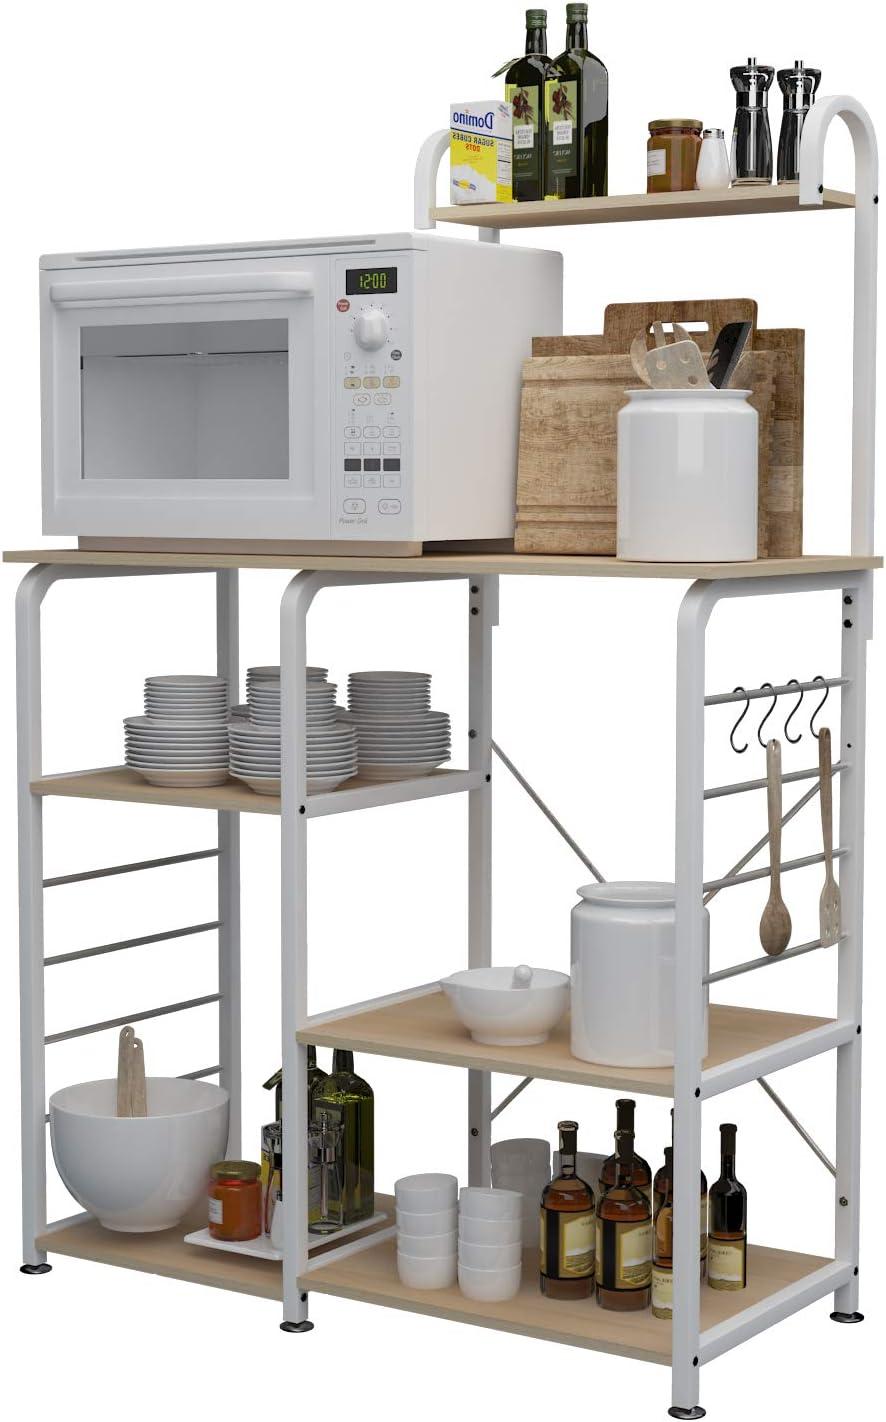 sogesfurniture Estante de Cocina Estantería para Microondas Estantería Metálica, 3 + 4 Niveles Baker's Rack Soporte para Carro de Microondas Estantes de Almacenamiento, Arce Blanco 172-MP-BH